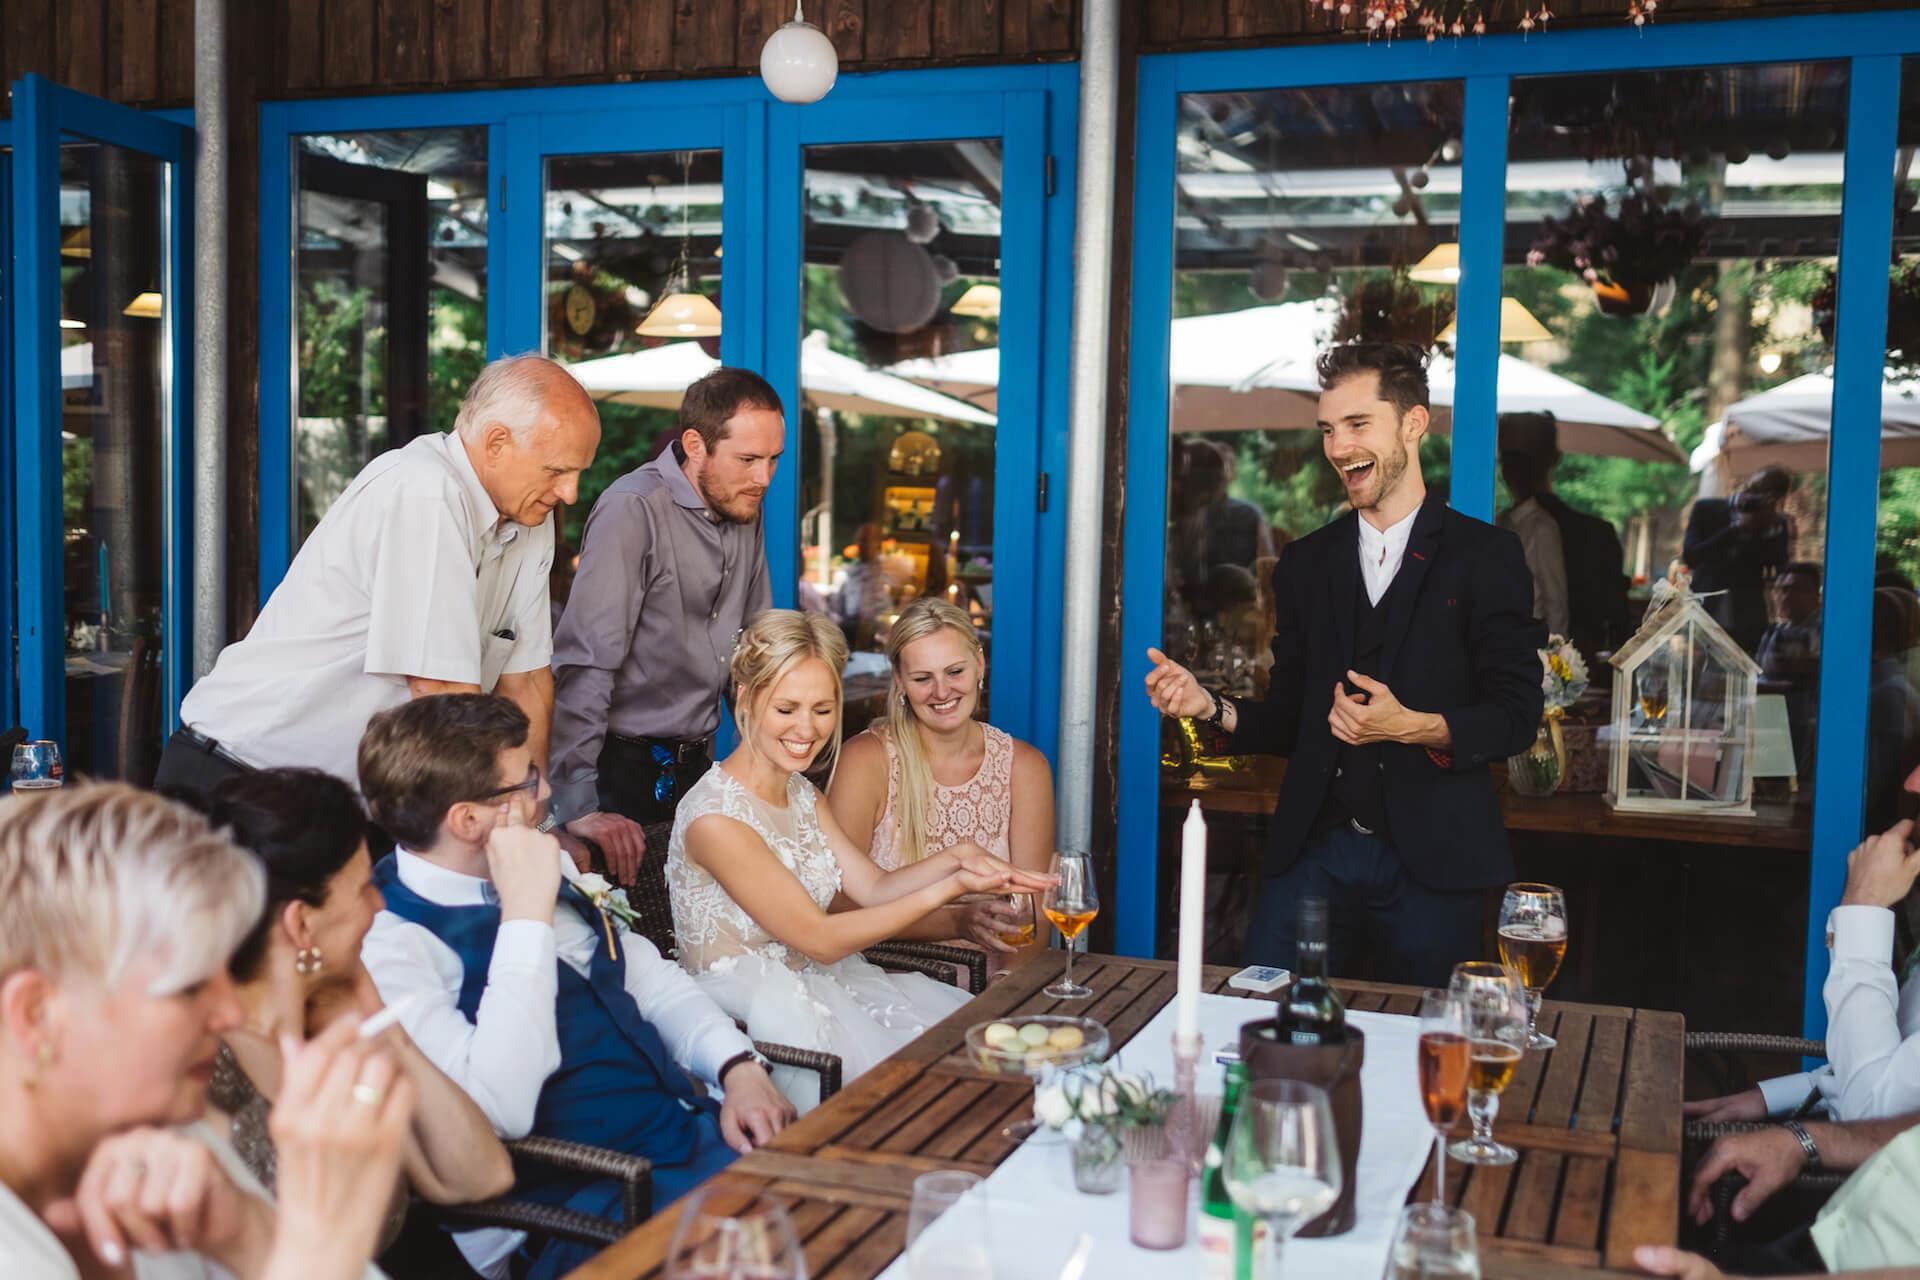 Kouzelník Martin Kellman - mikromagie na svatbě aneb kouzlení u stolu